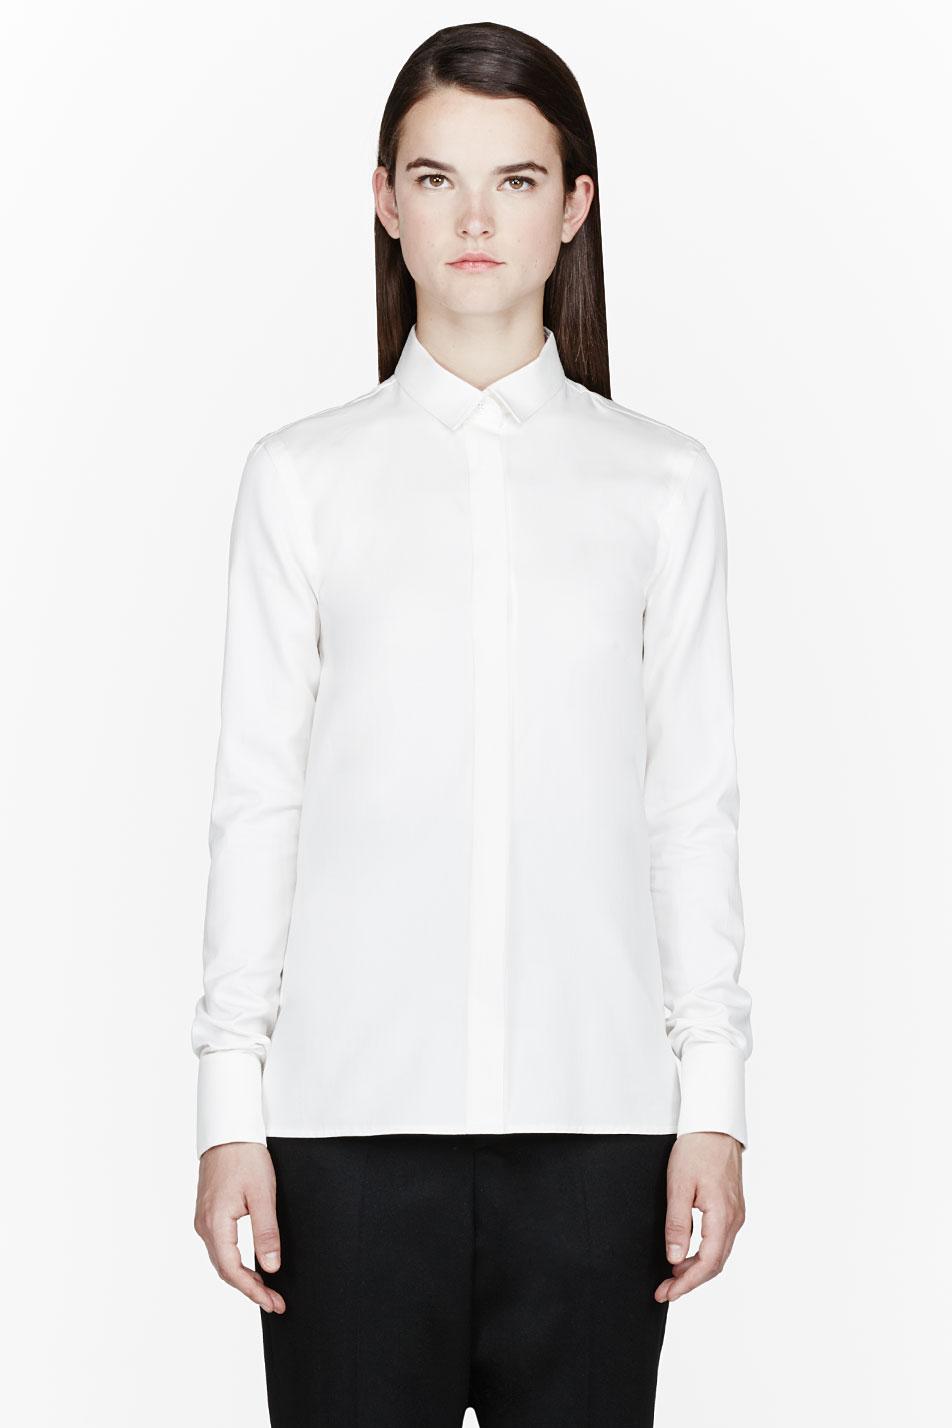 Thamanyah ivory white french cuff dress shirt for White french cuff shirt